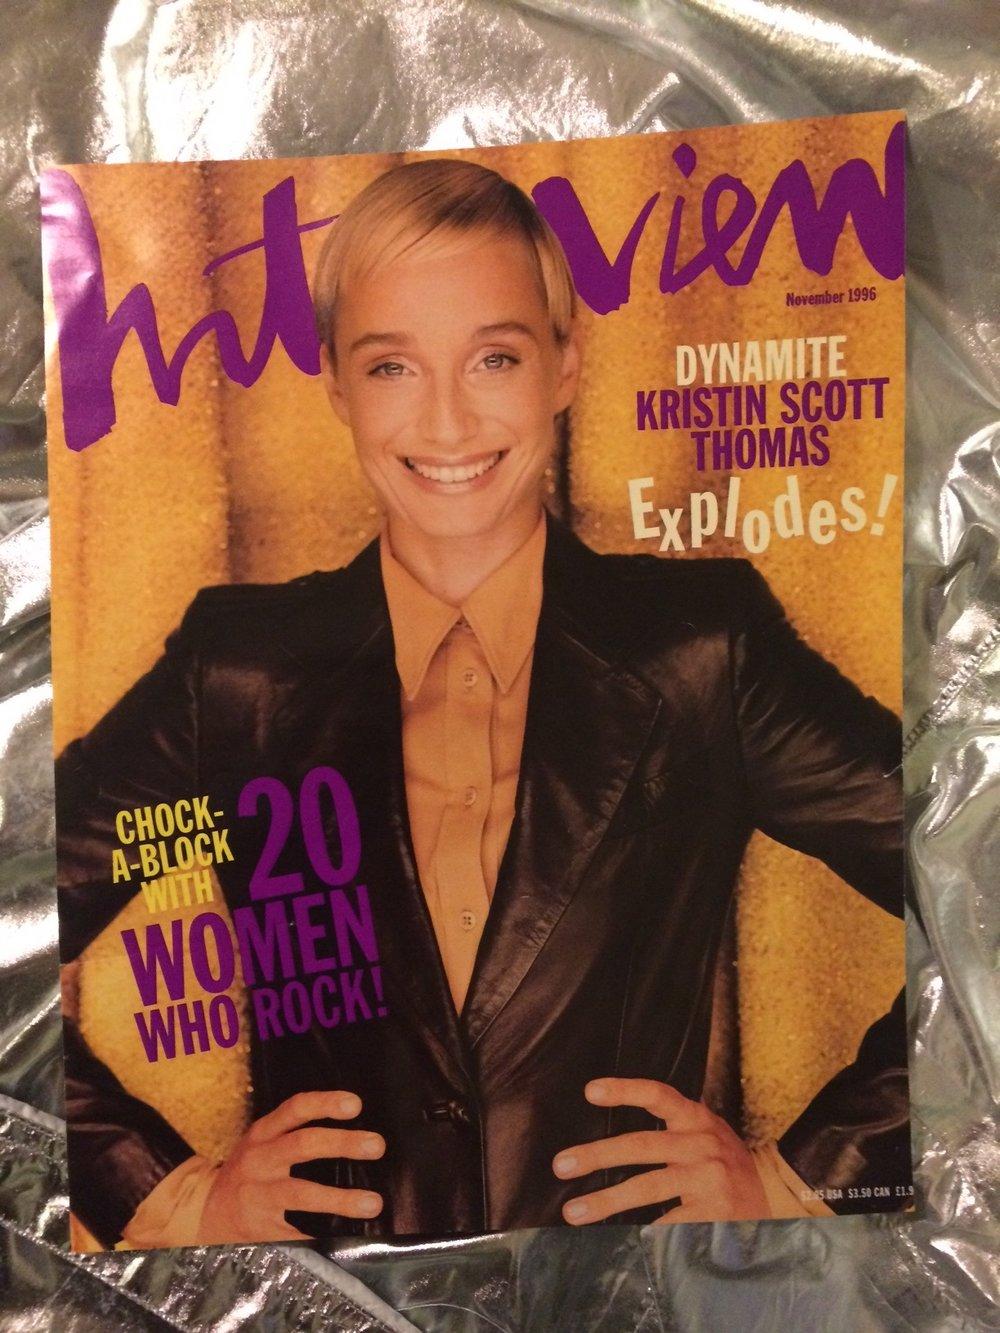 Assistenz der Modeleitung, Interview Magazine,  Covershooting mit Kristen Scott Thomas, New York City '96